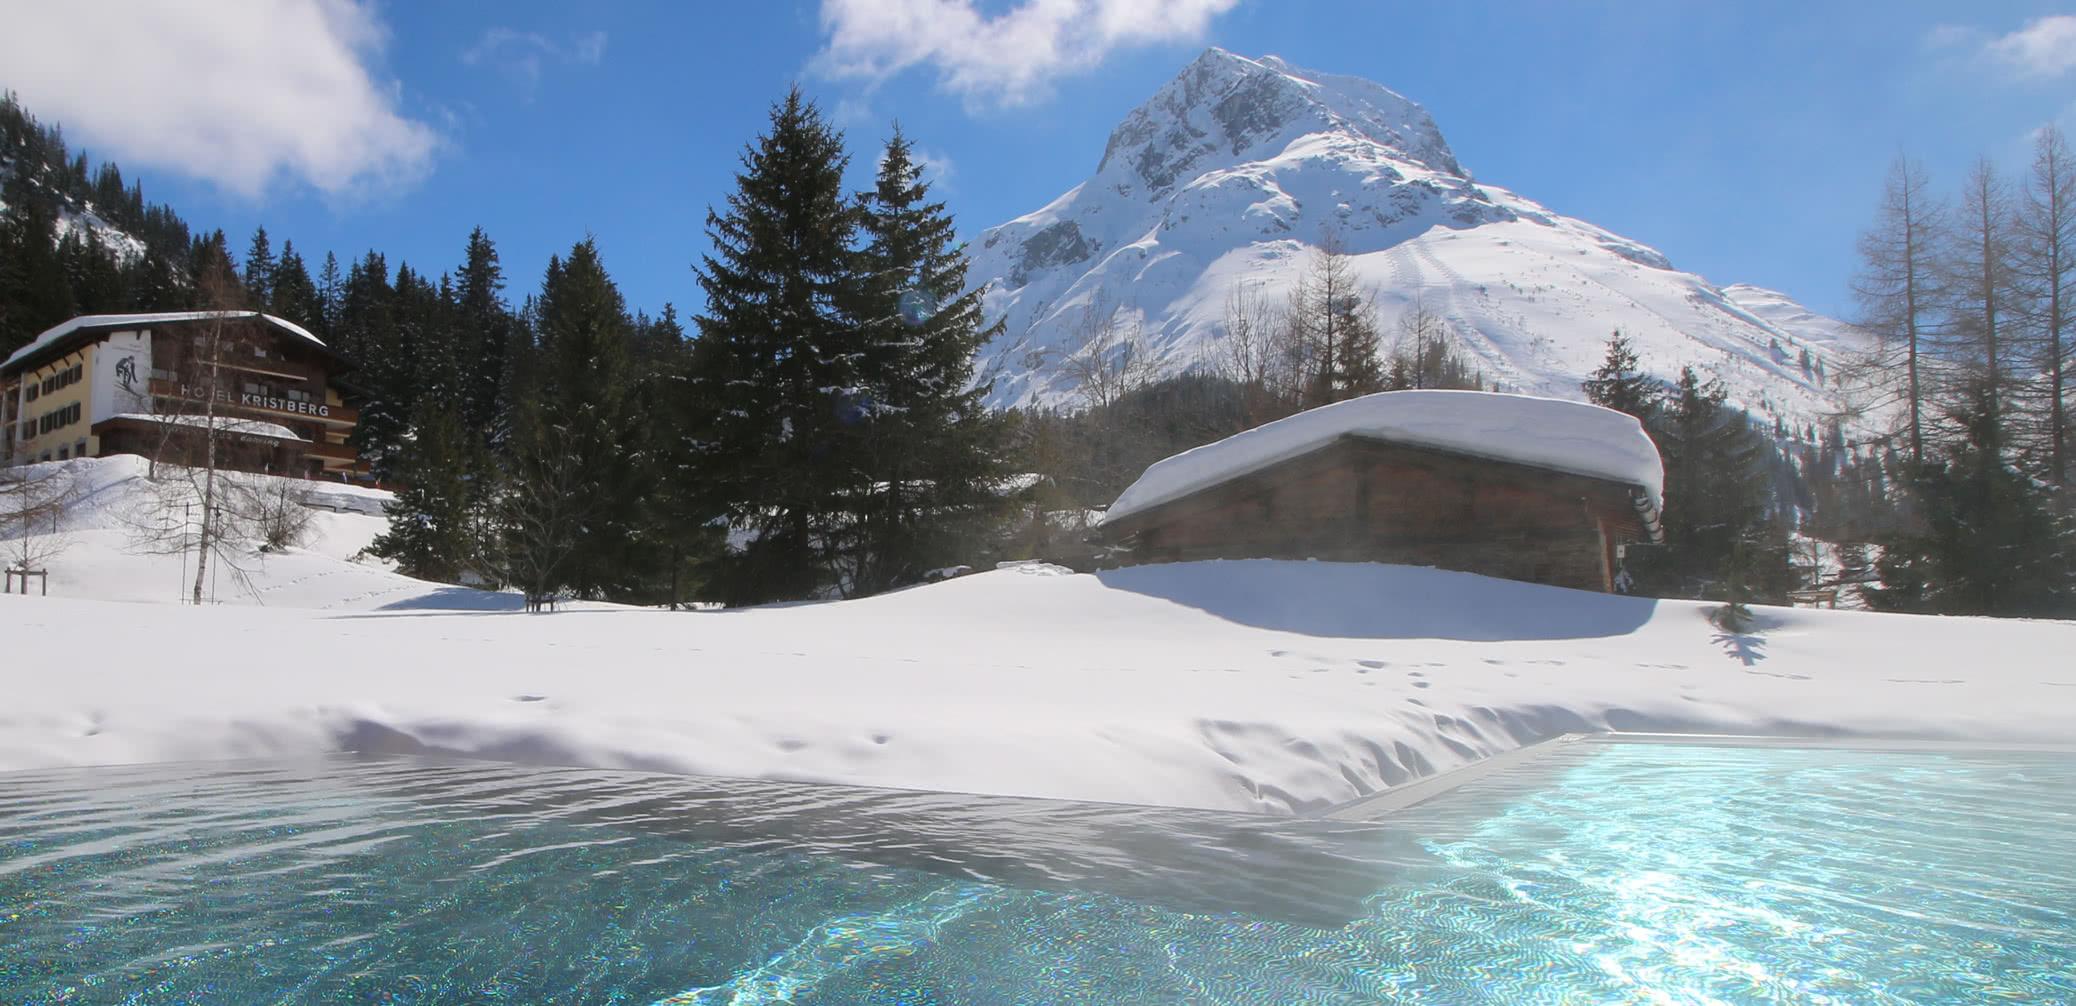 Top 10 Best Luxury Ski Hotels In Europe